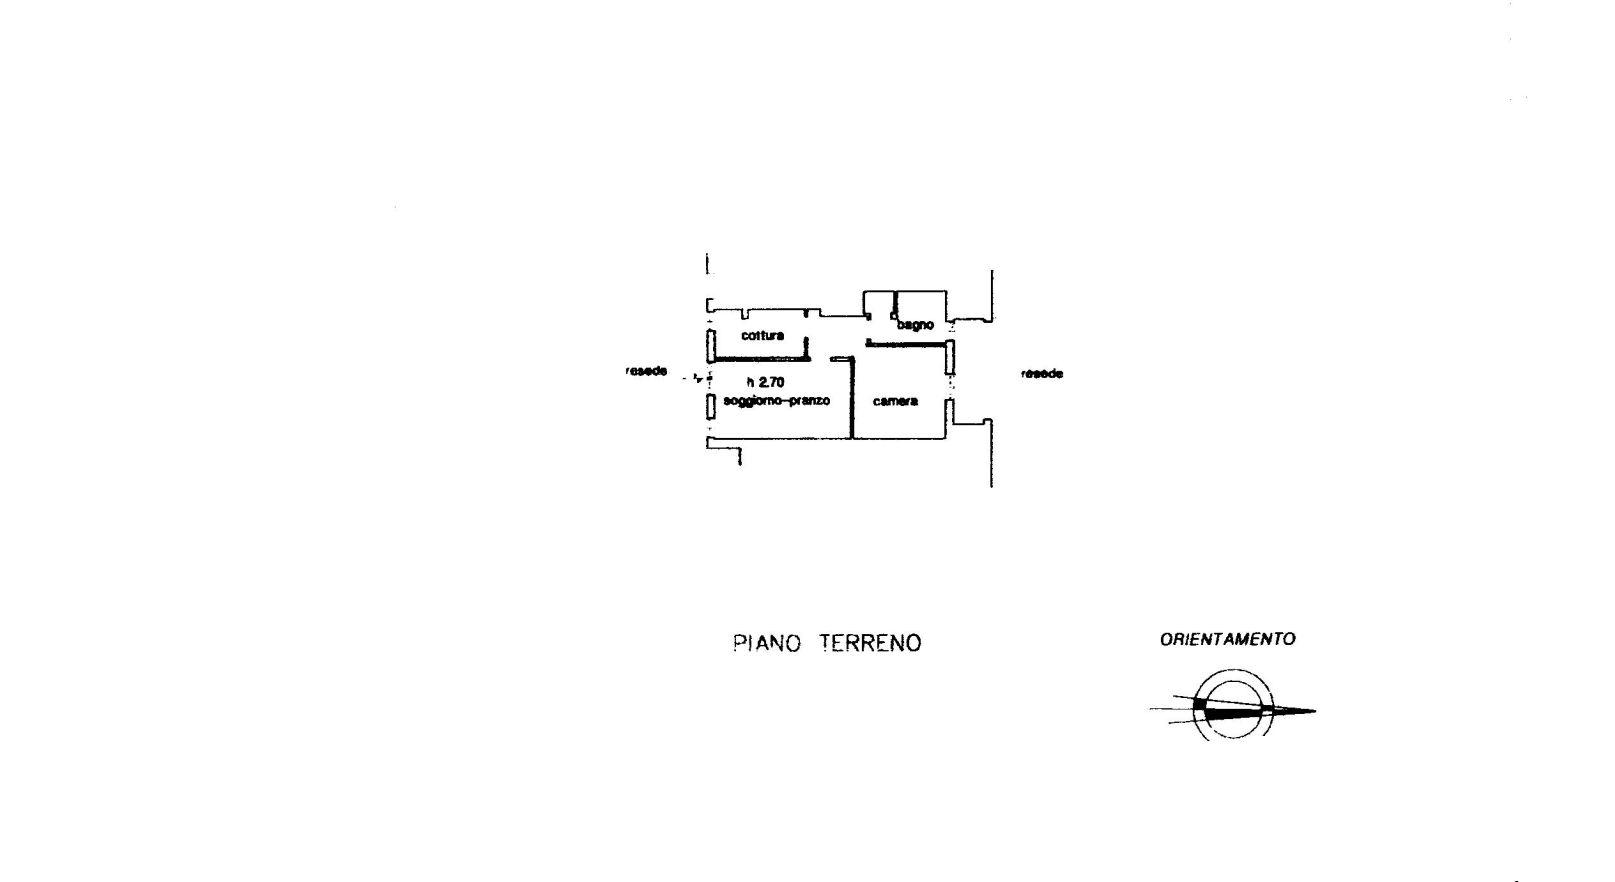 Appartamento in vendita, rif. R518 (Planimetria 1/1)